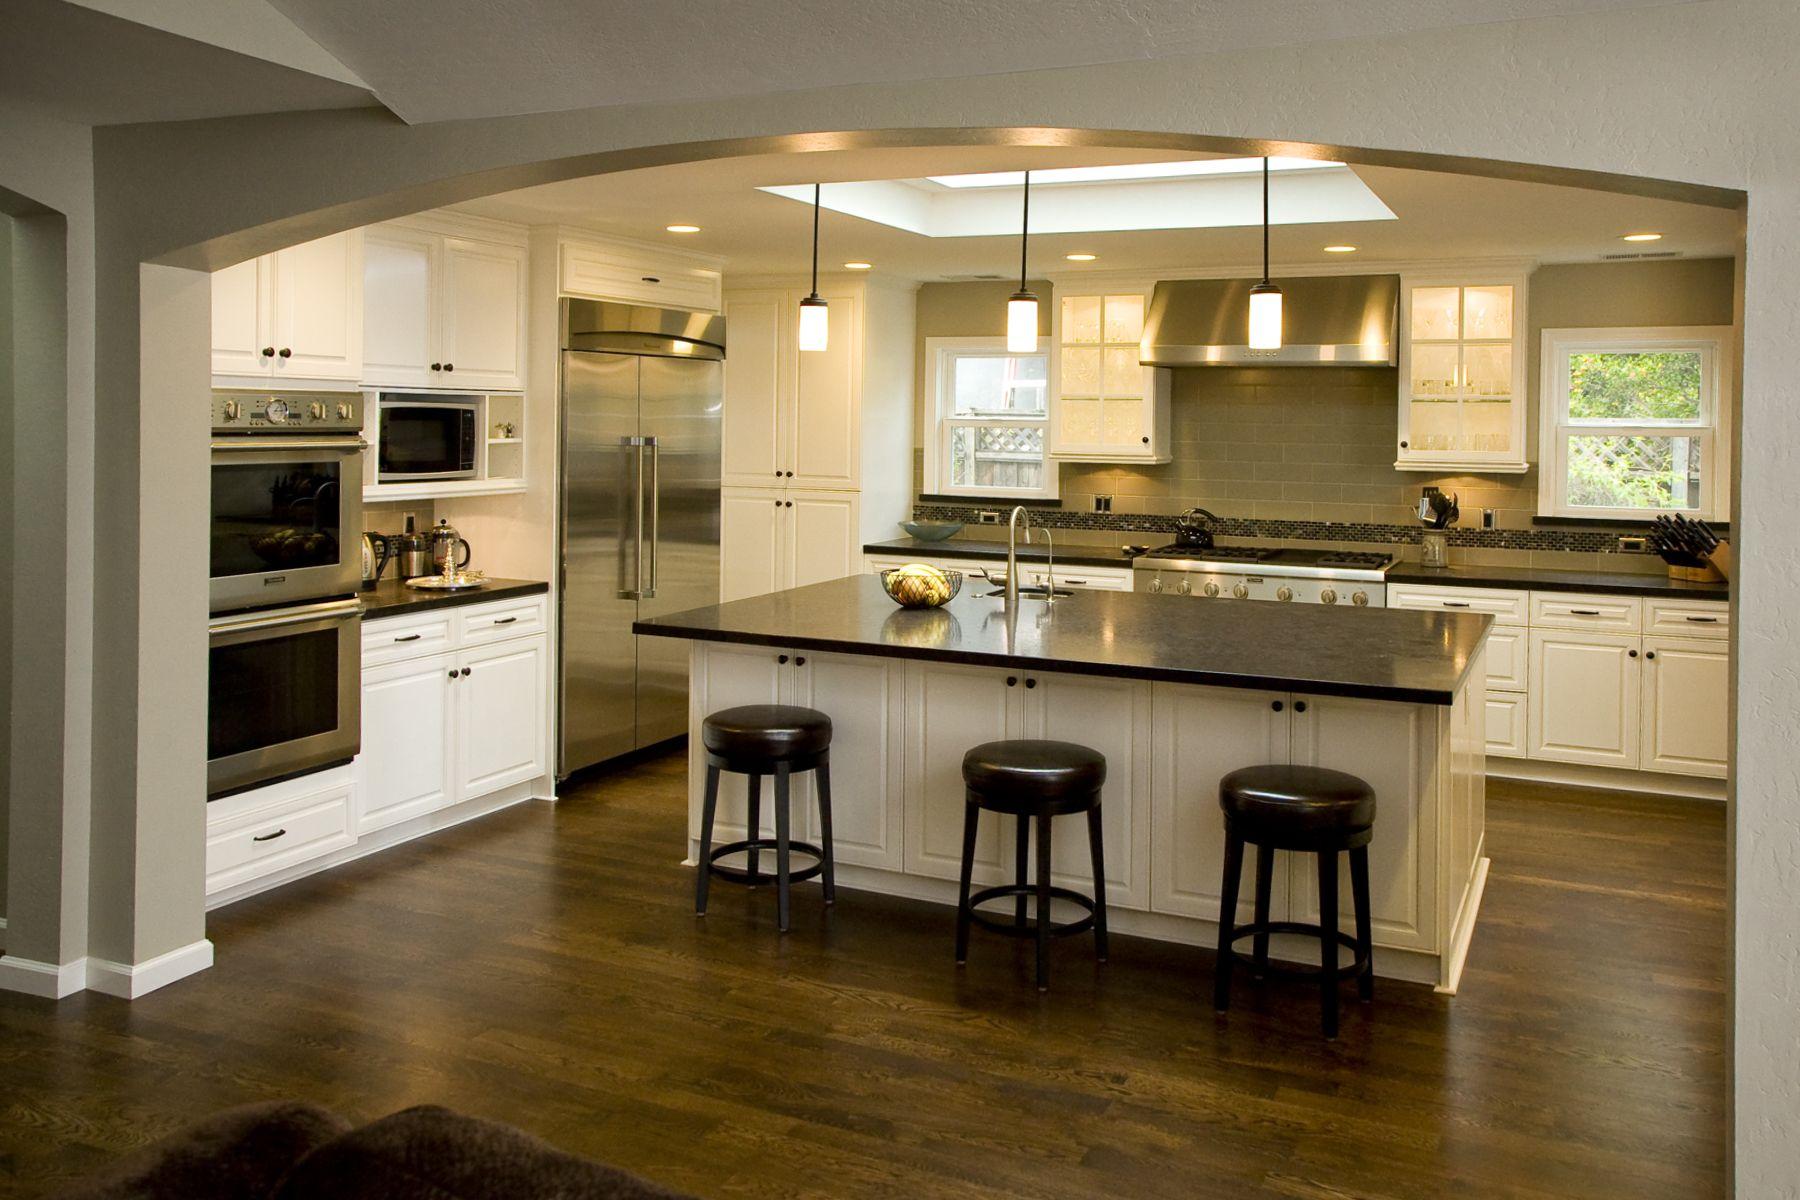 craftsman kitchens Craftsman Modern Kitchen Home